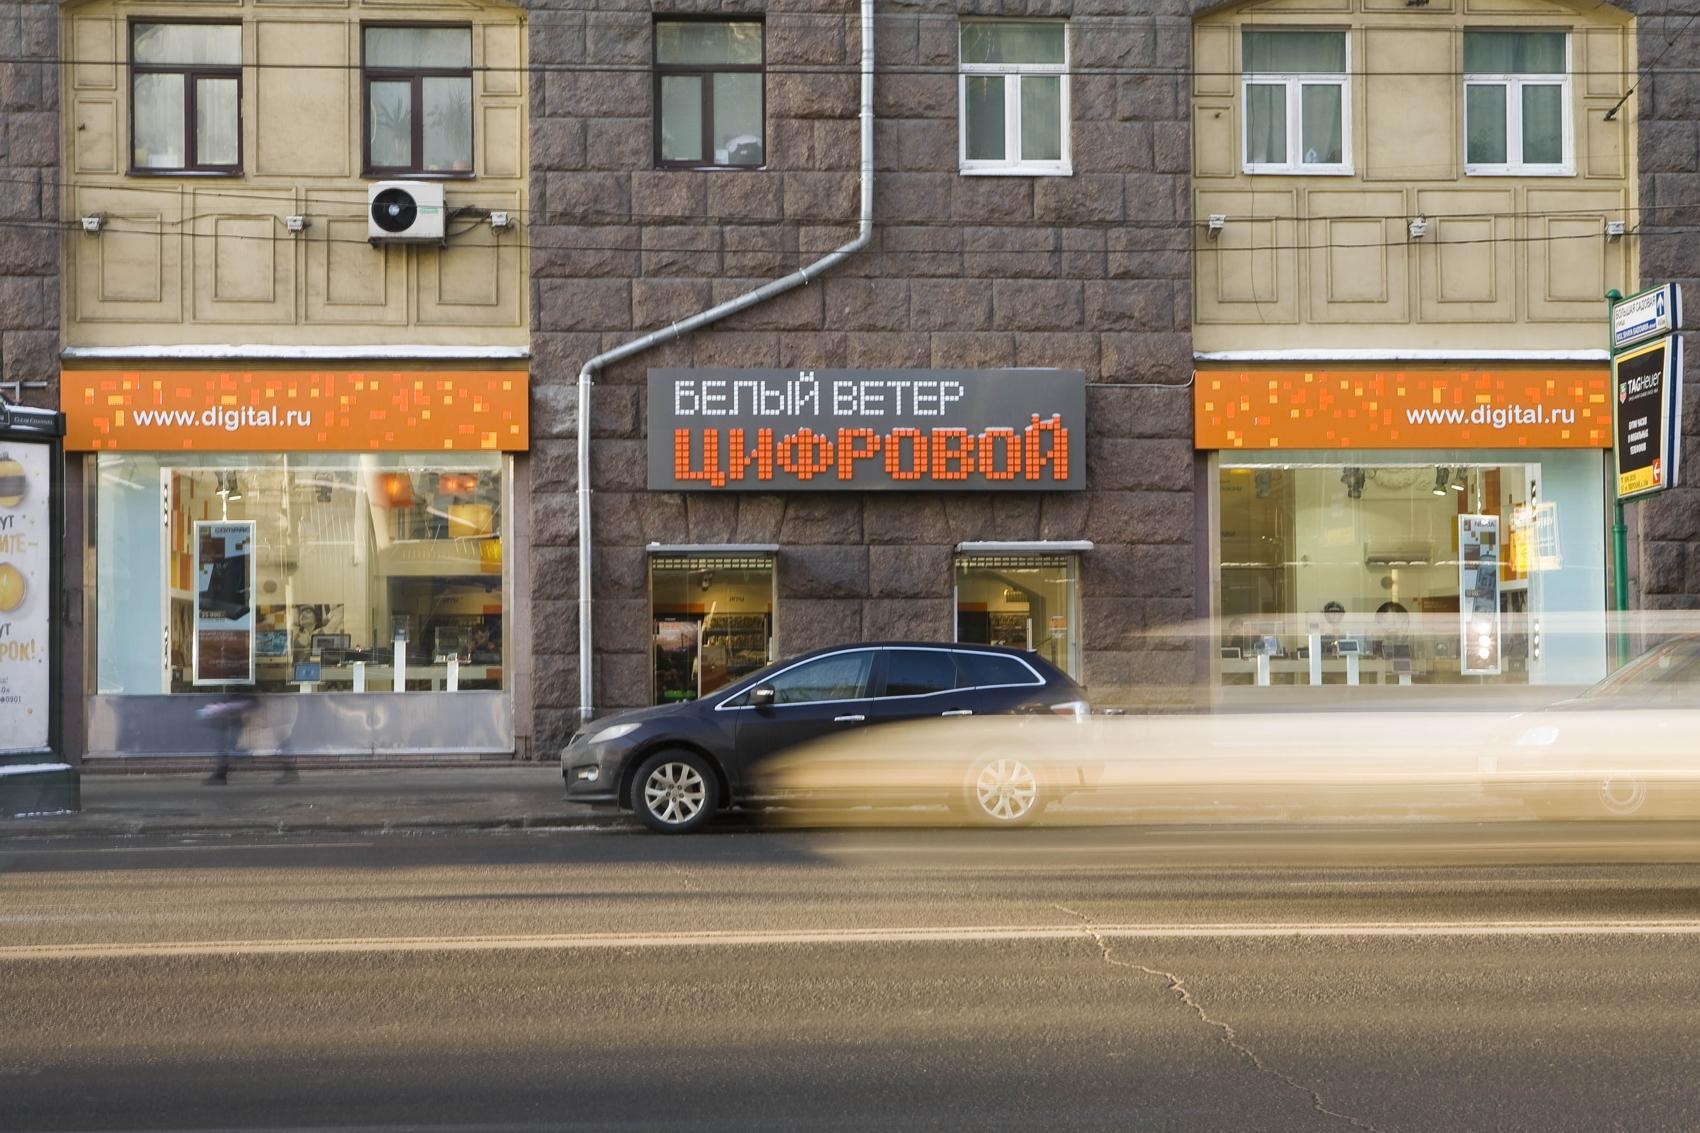 beliy-veter-tsifrovoy-za-kadri-porno-filmi